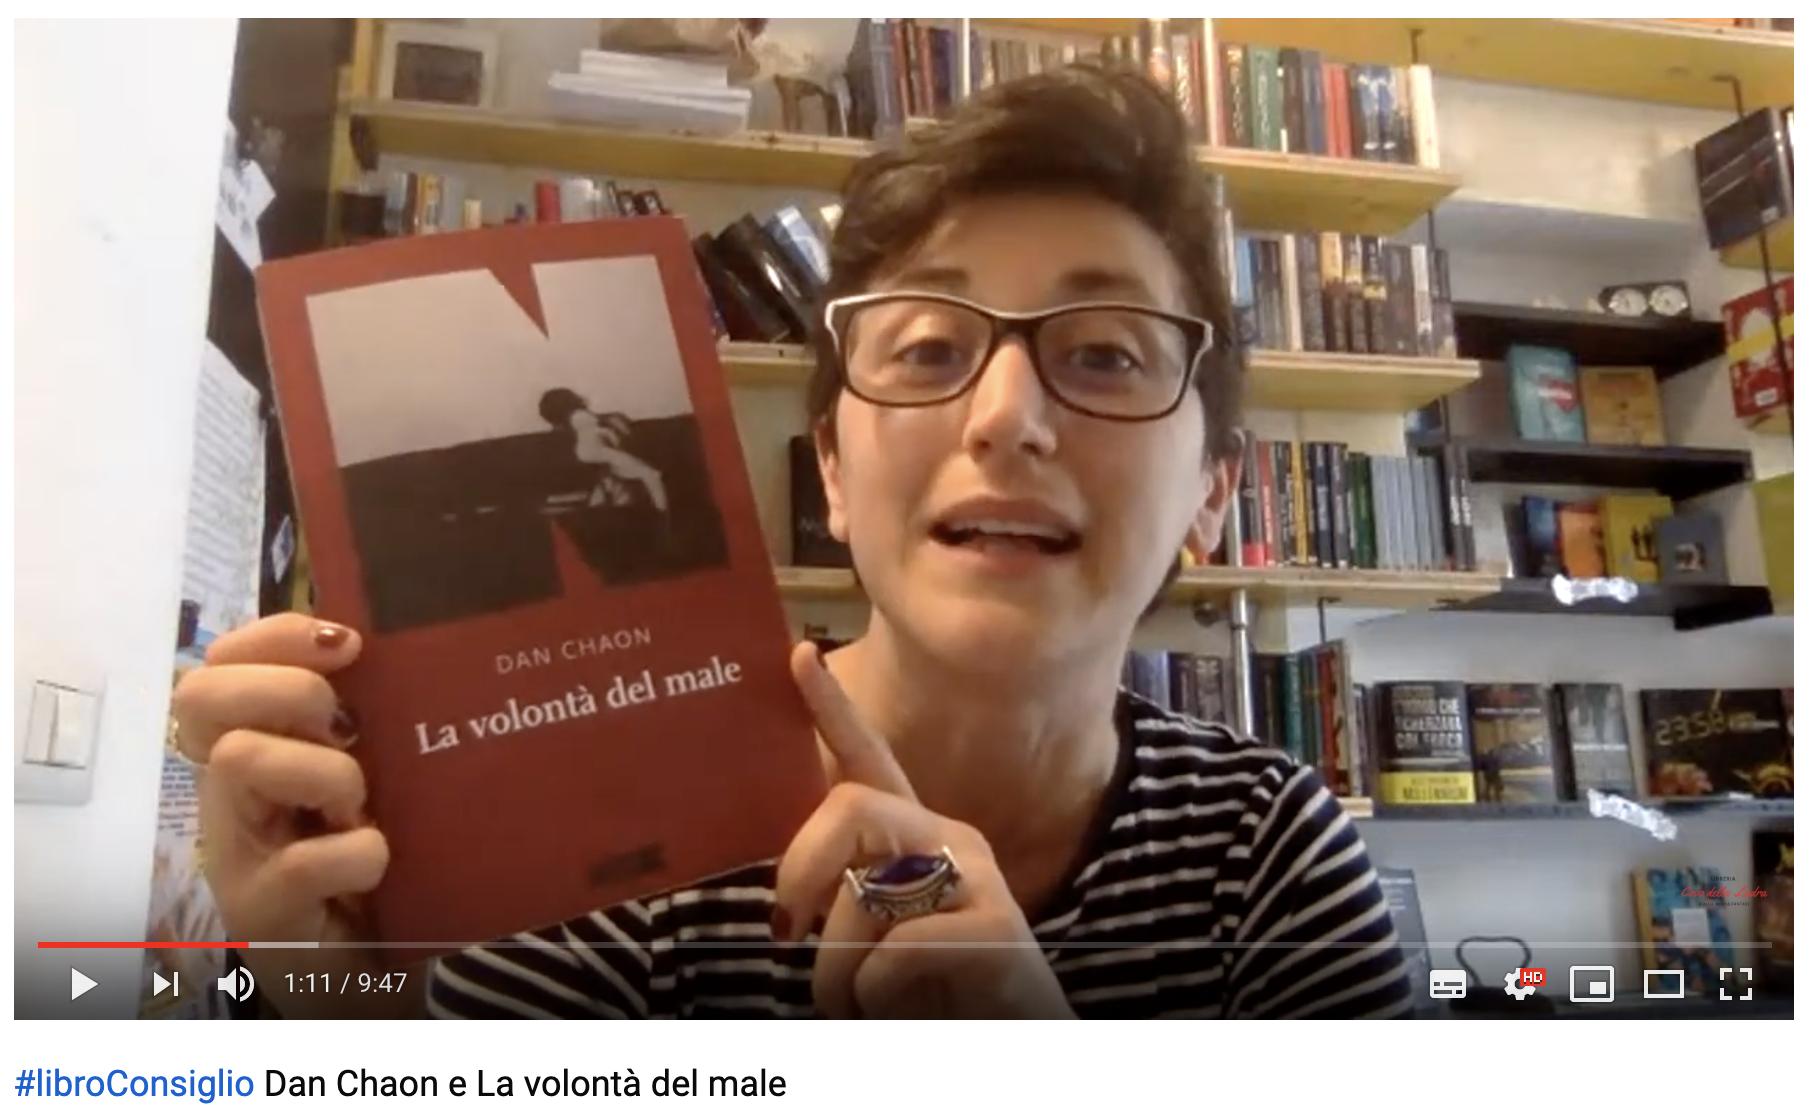 Dan Chaon e La volontà del male #LibroConsiglio